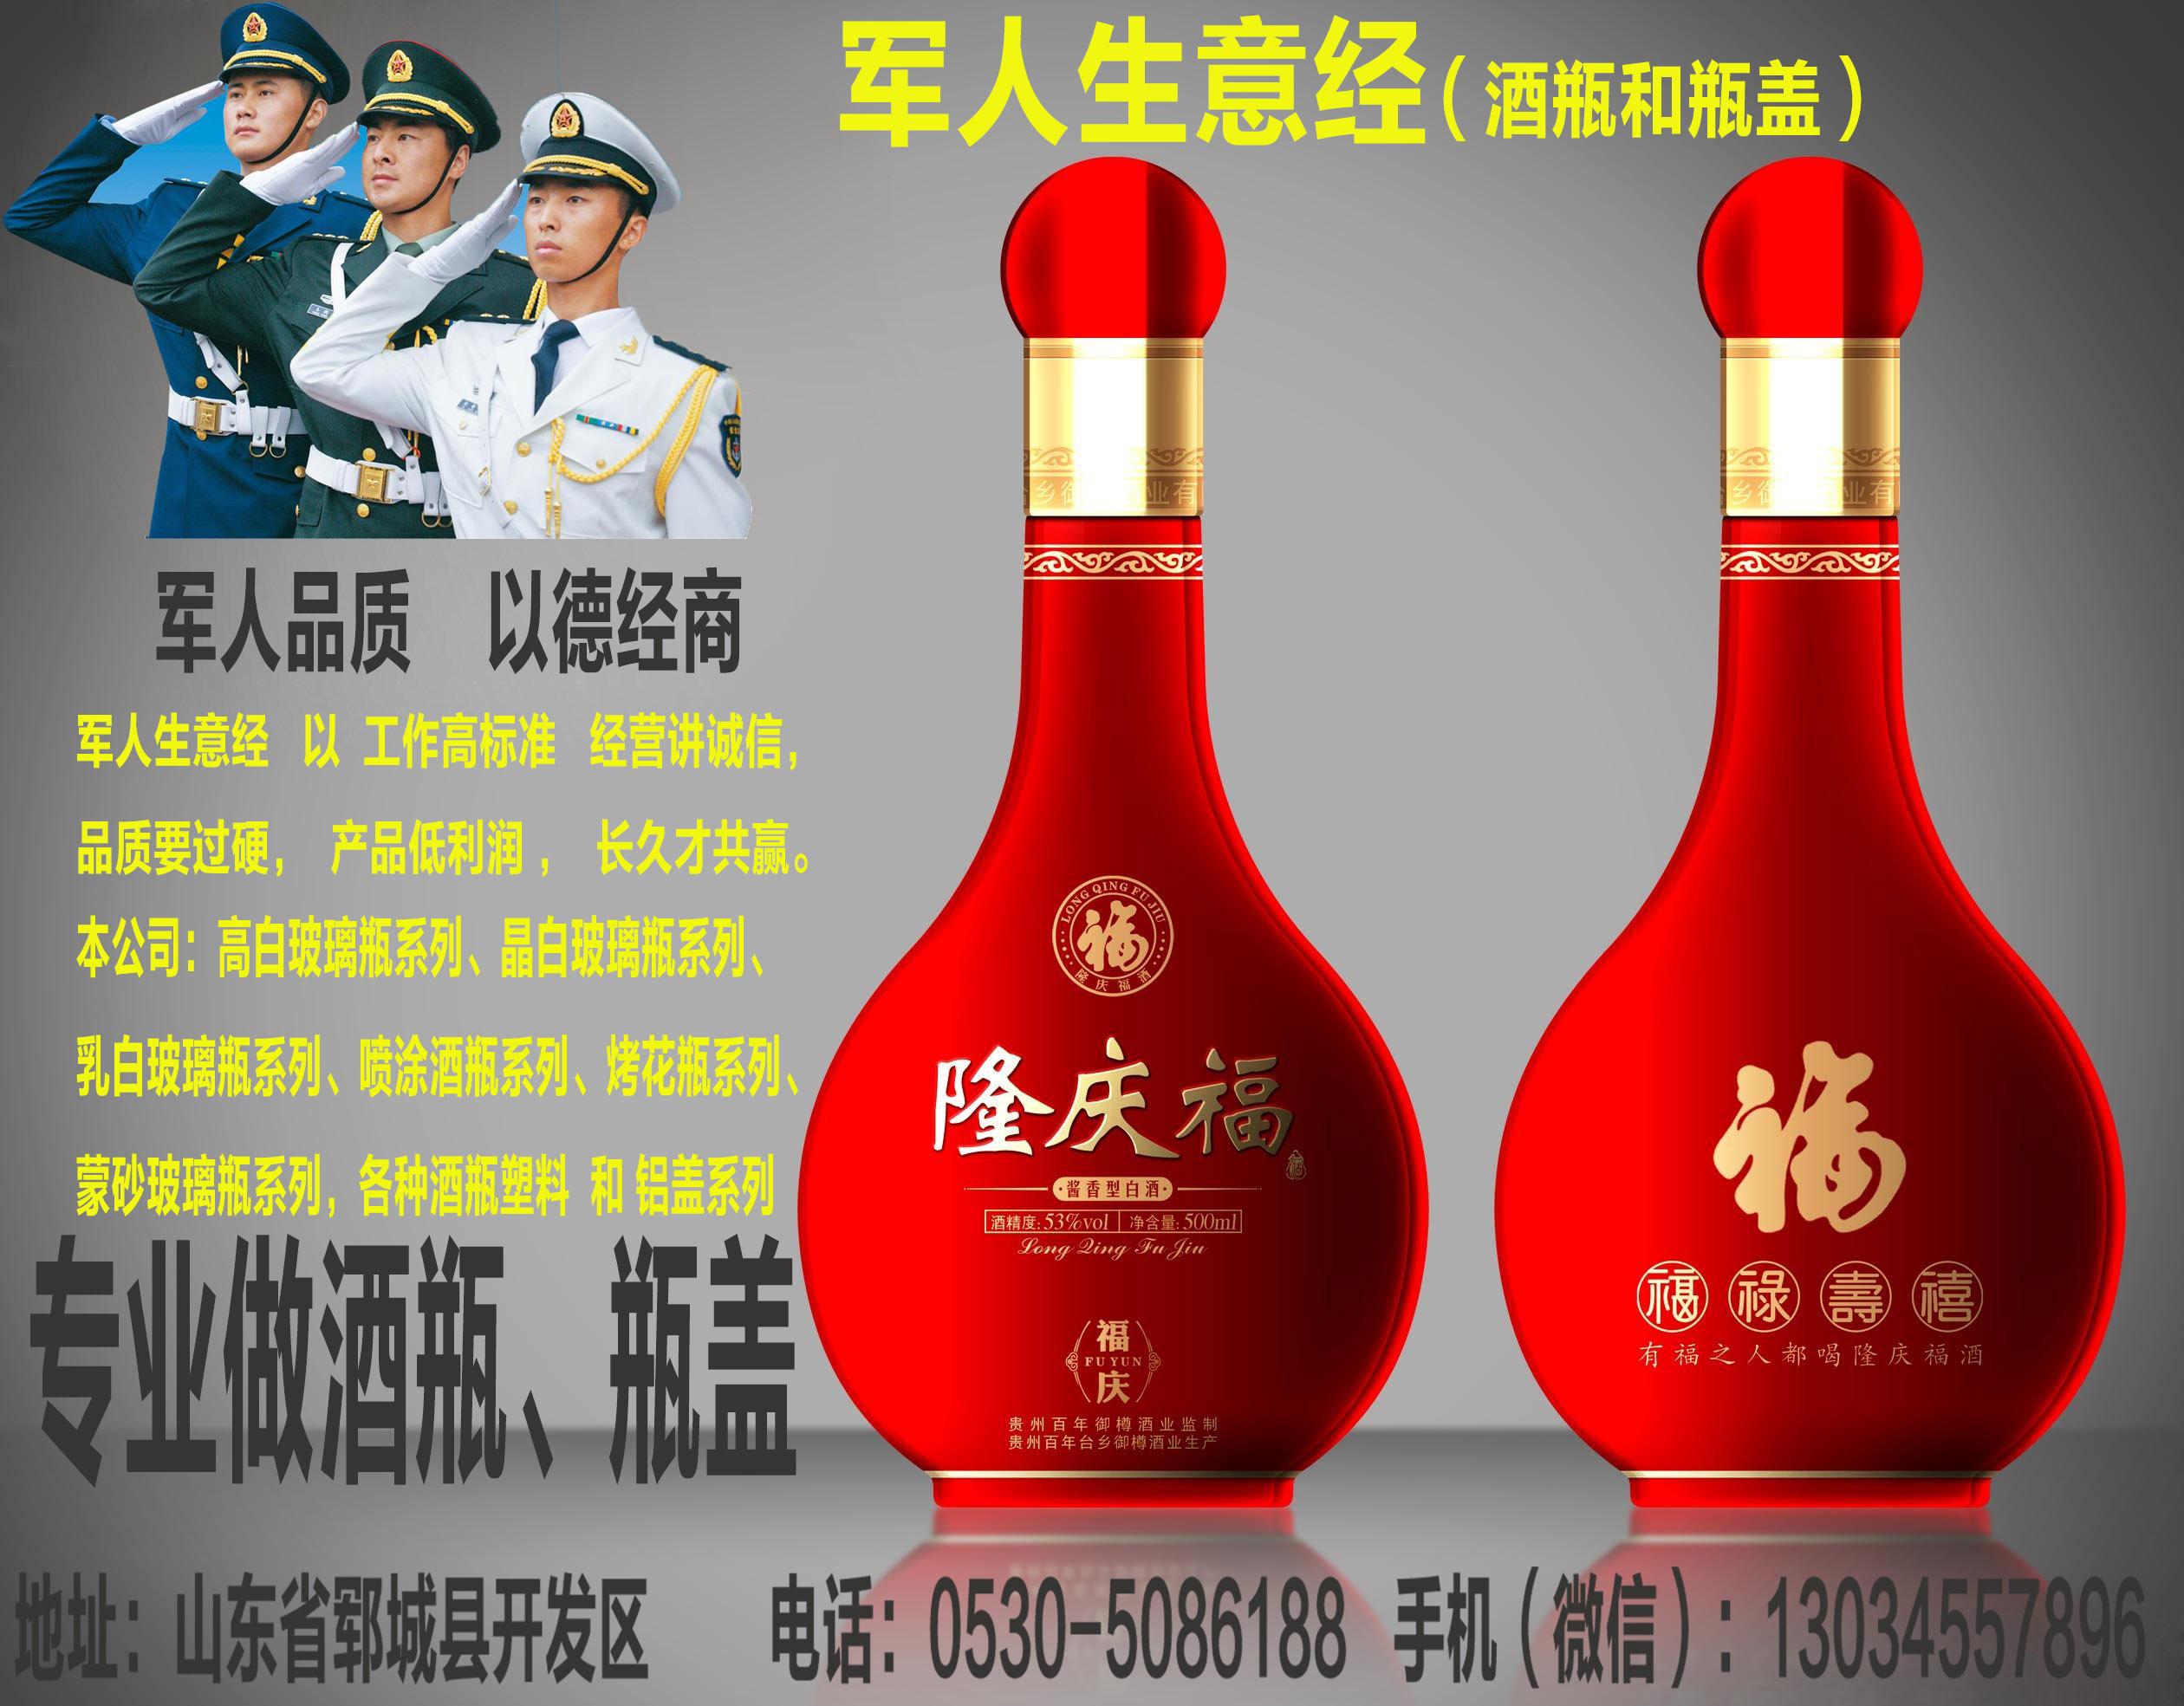 酒瓶专供合作商